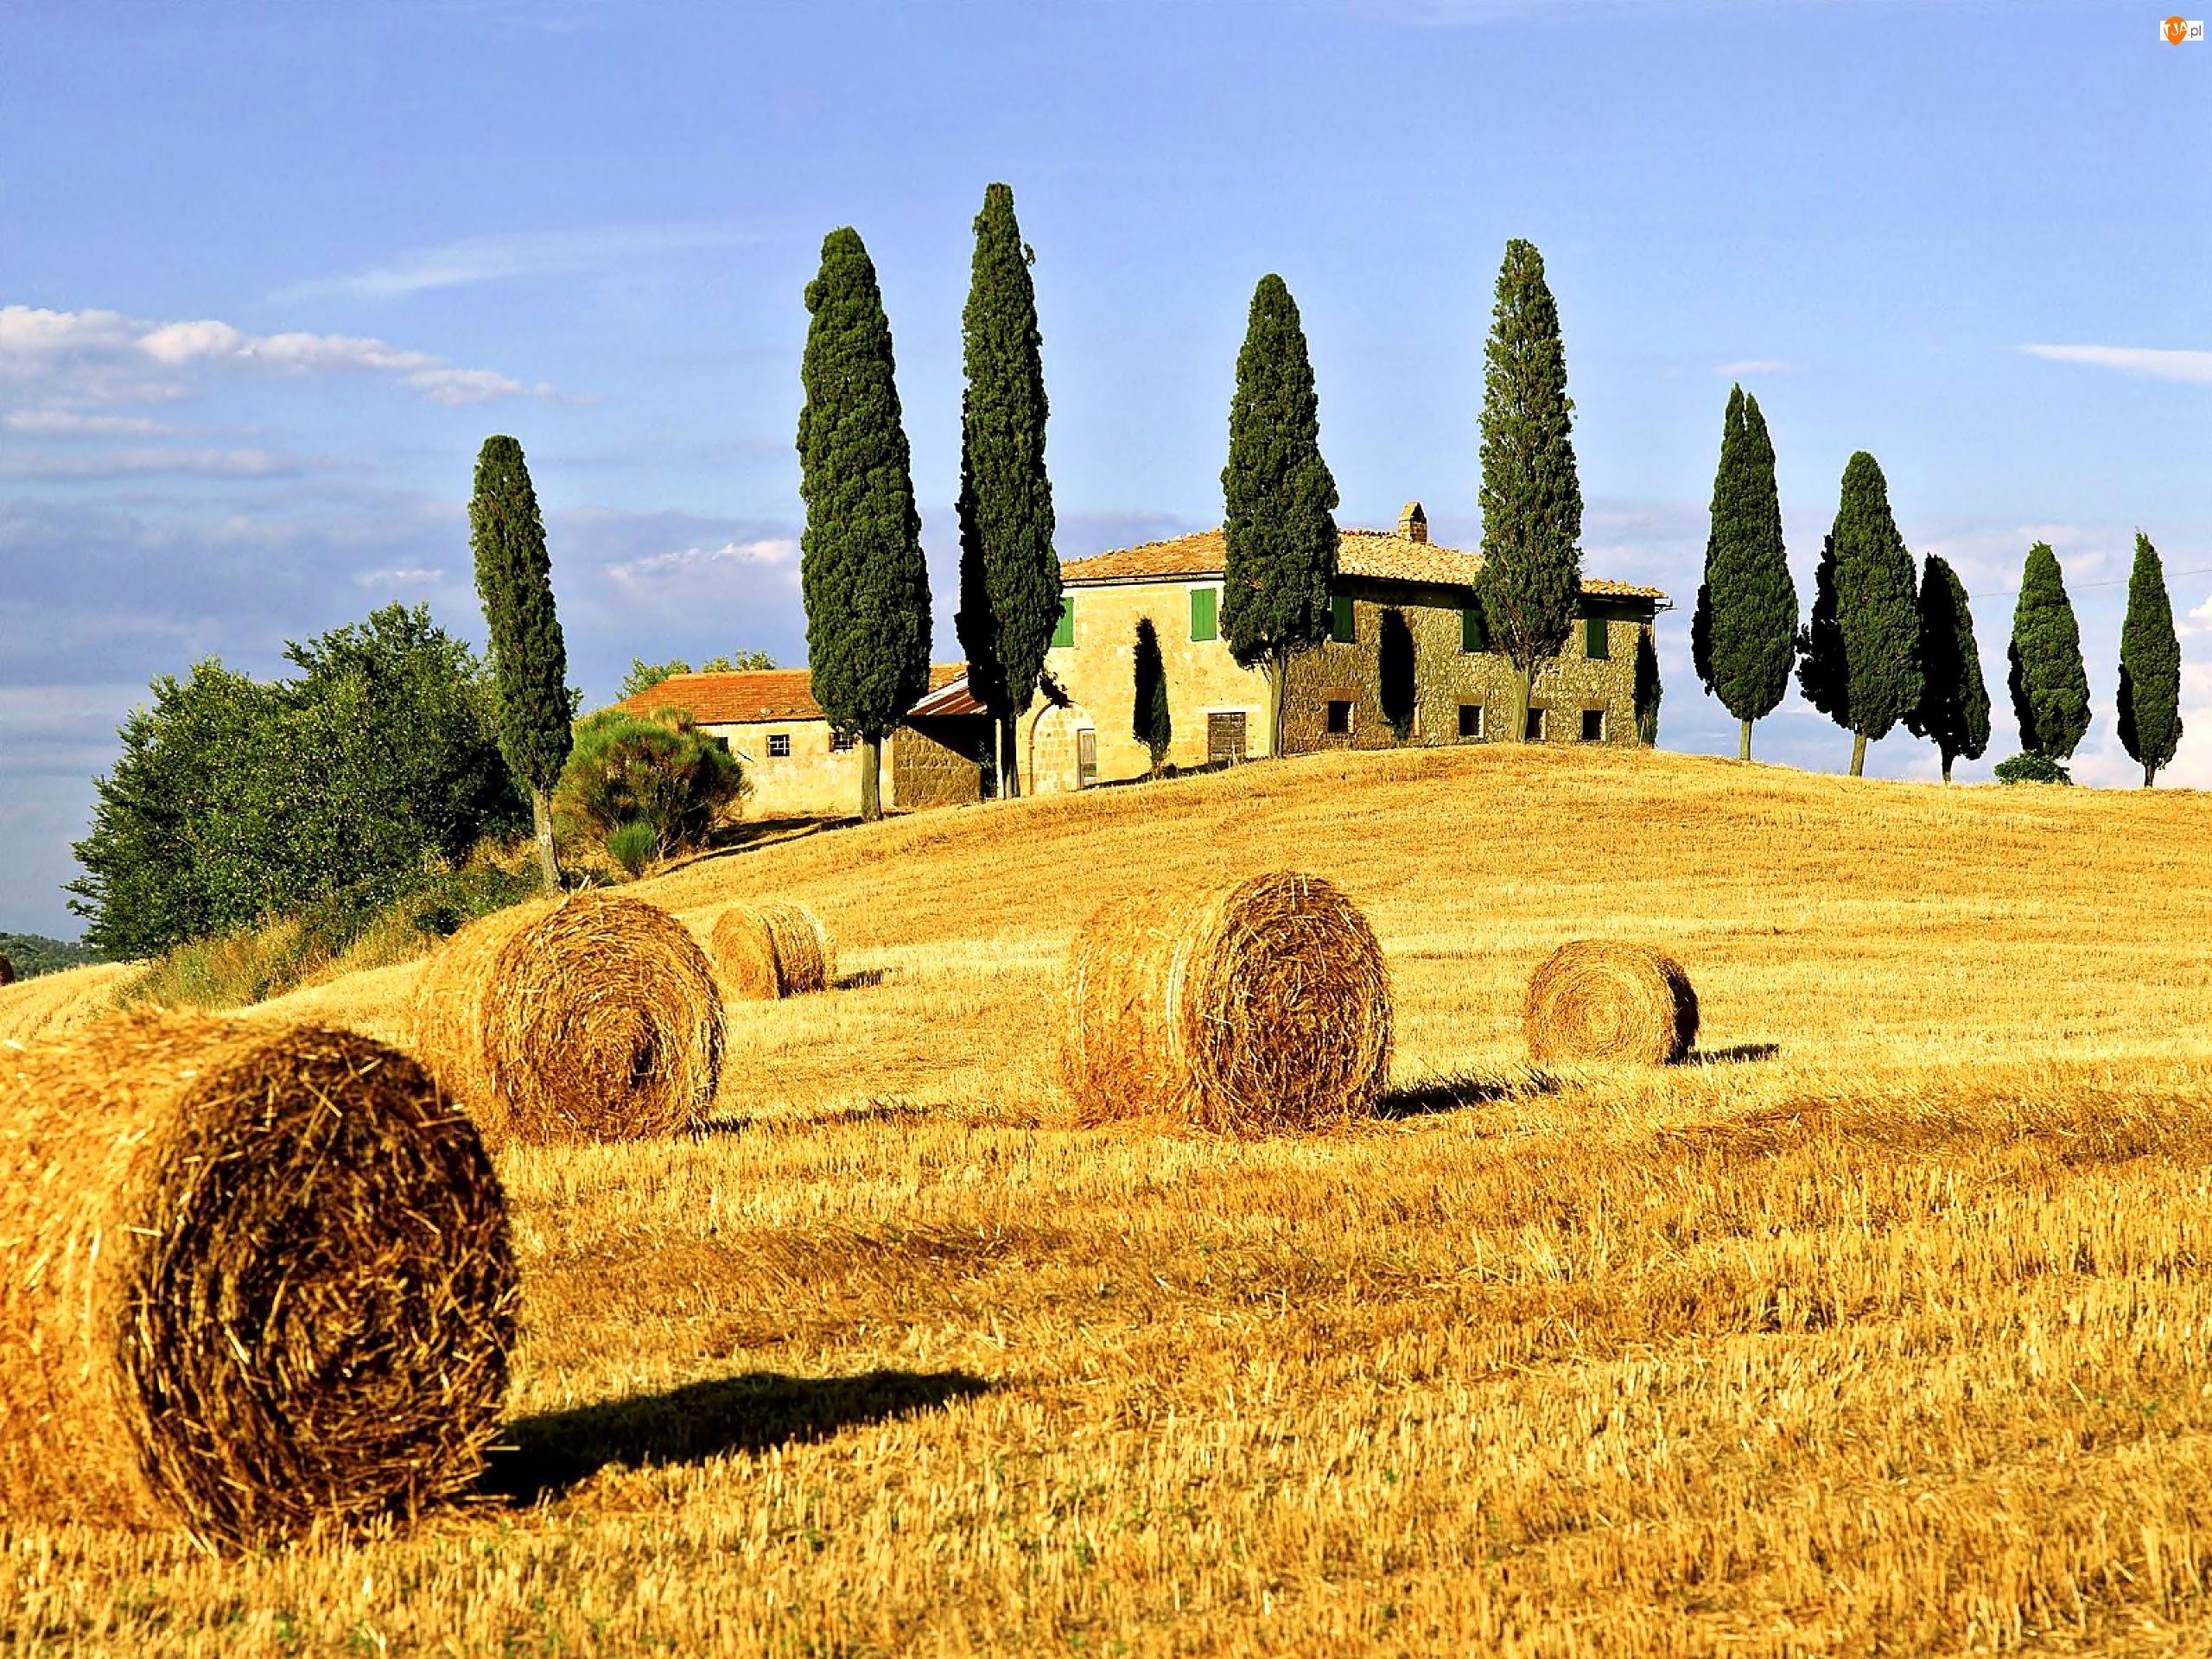 Dom, Toskania, Pole, Cyprysy